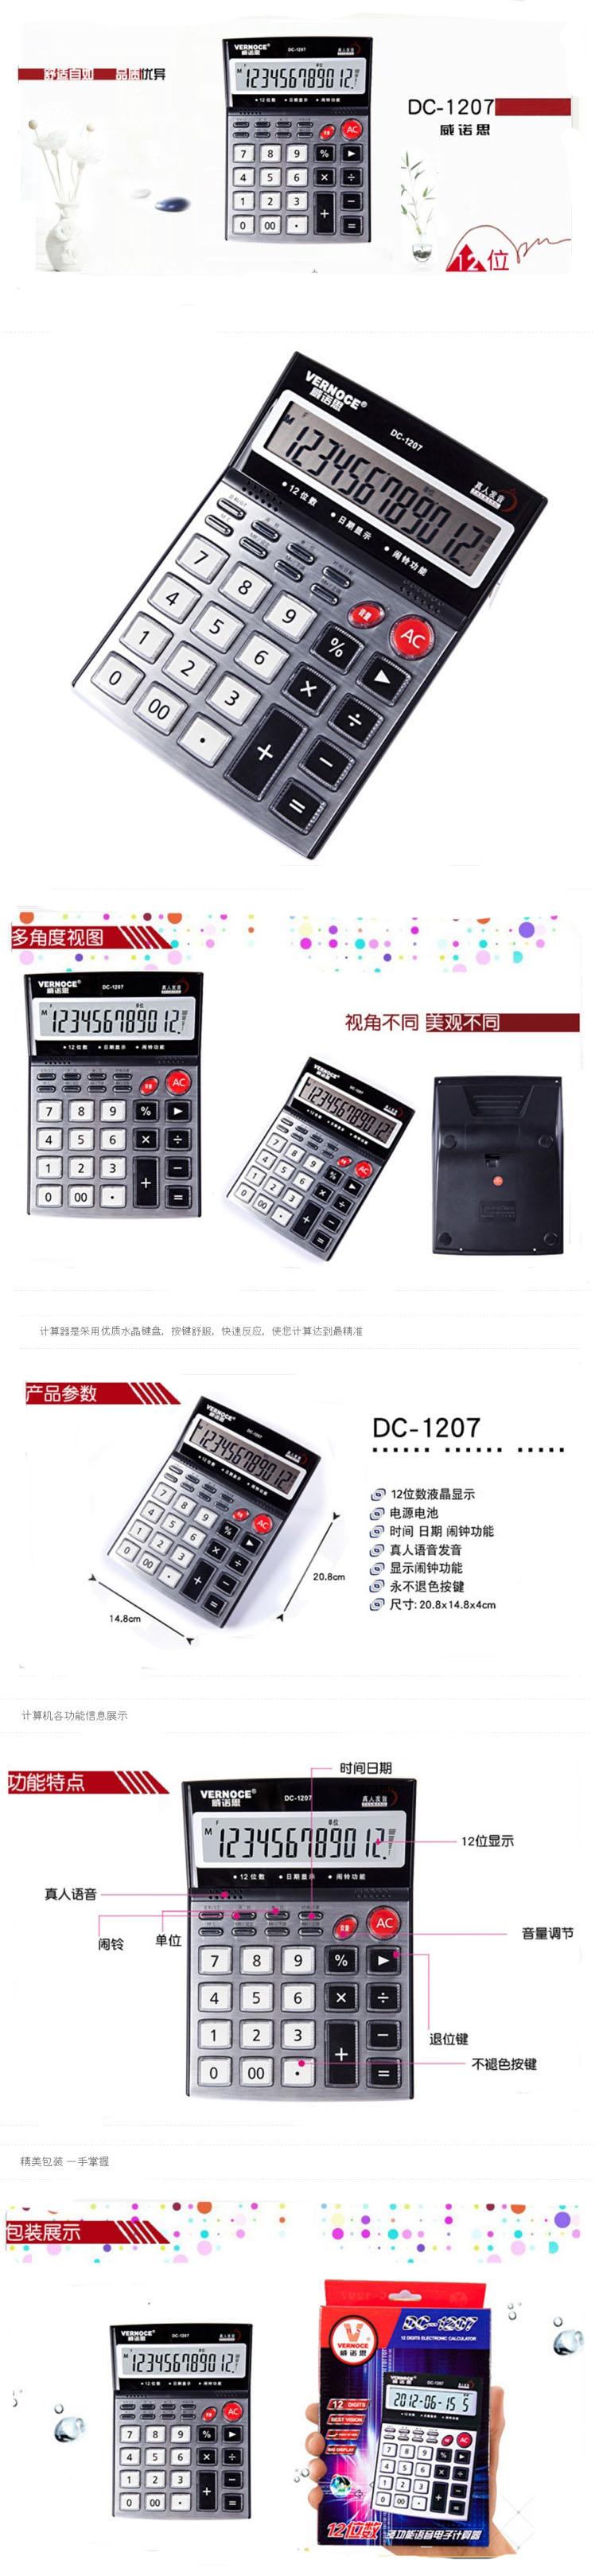 威诺思计算器 DC-1207计算器 真人发音水晶键盘计算器-淘宝网.jpg